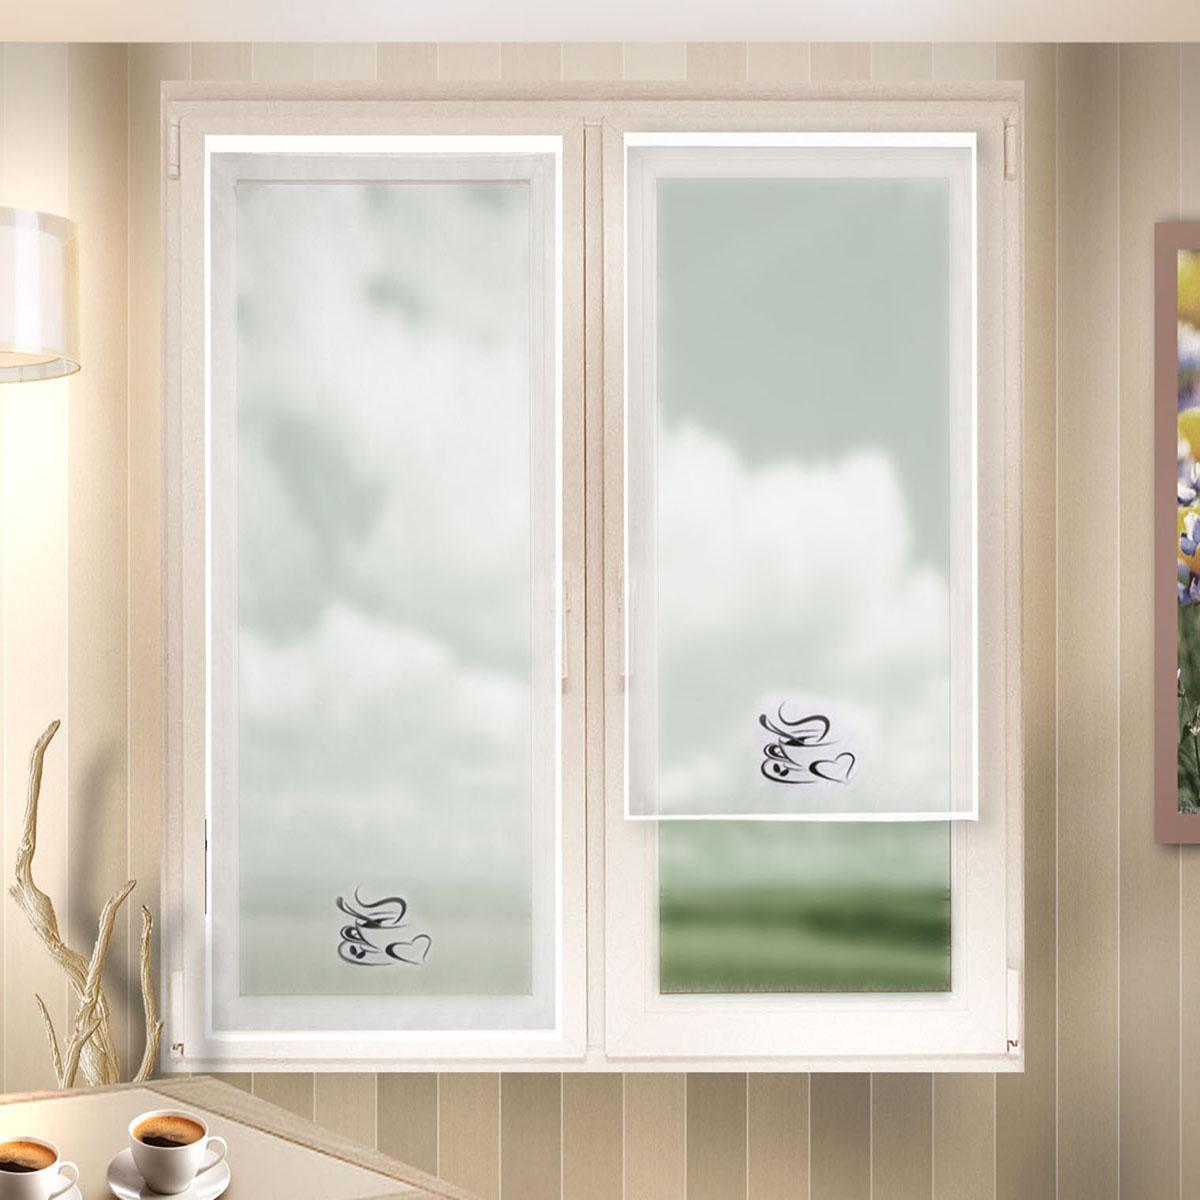 Гардина Zlata Korunka, цвет: белый, ширина 60 см, высота 140 см. 666021CLP446Лучшая альтернатива рулонным шторам на кухне – шторы на липкой ленте. Особенность этих штор заключается в том, что они имеют липкую основу в месте крепления . Лента или основа надежно и быстро крепится на раму окна, а на нее фиксируется сама штора.Размеры: ширина 60* высота 140